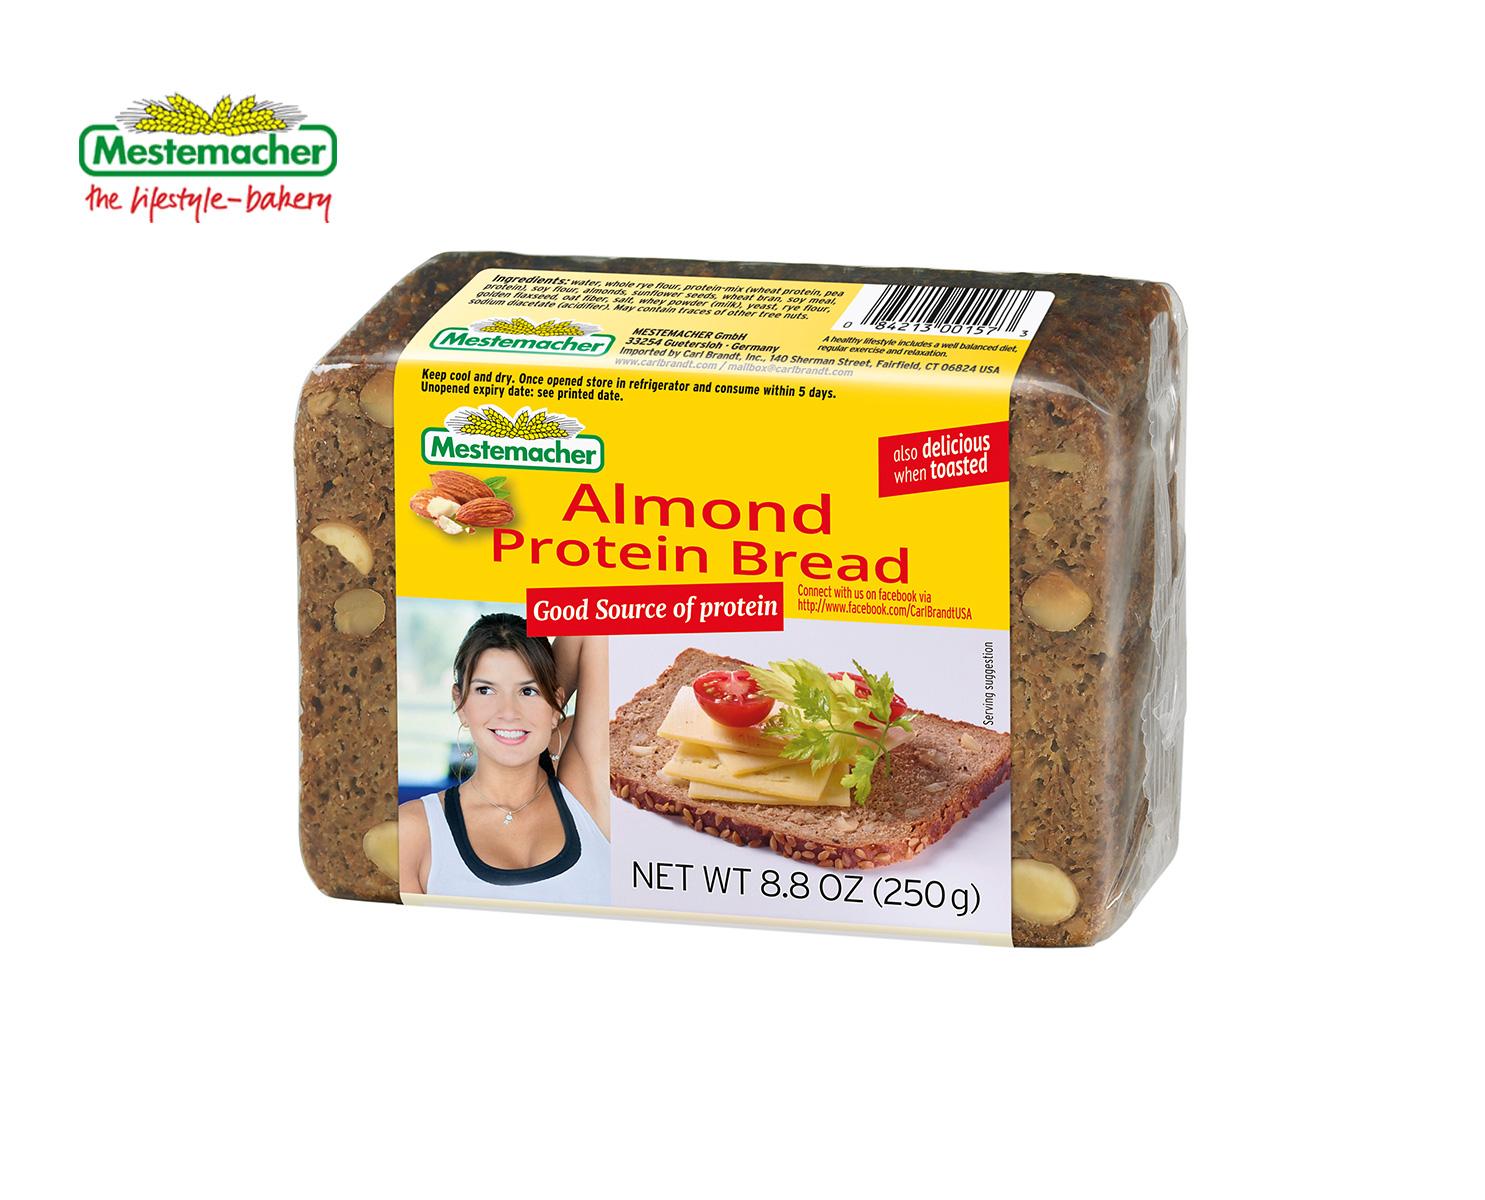 Almond Protein Bread – Mestemacher